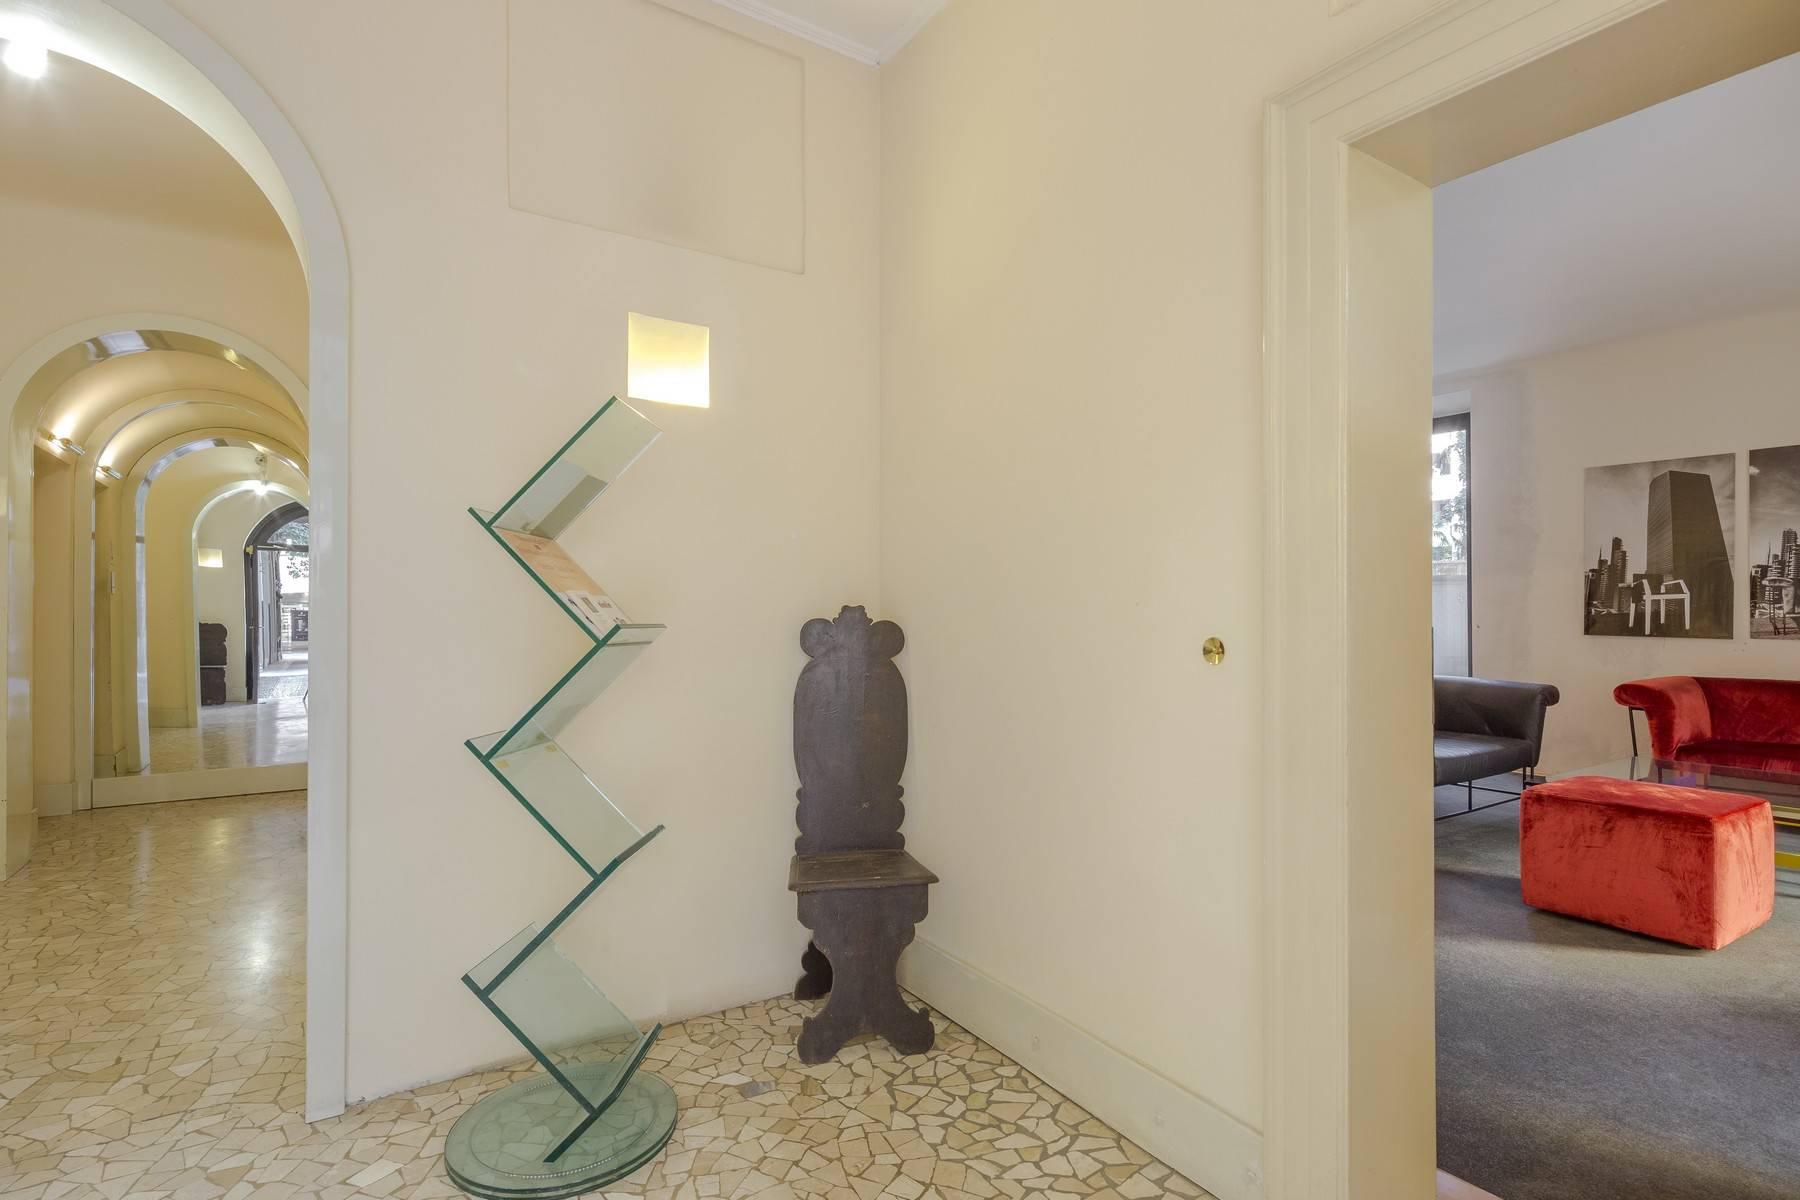 Negozio-locale in Affitto a Milano: 2 locali, 100 mq - Foto 7